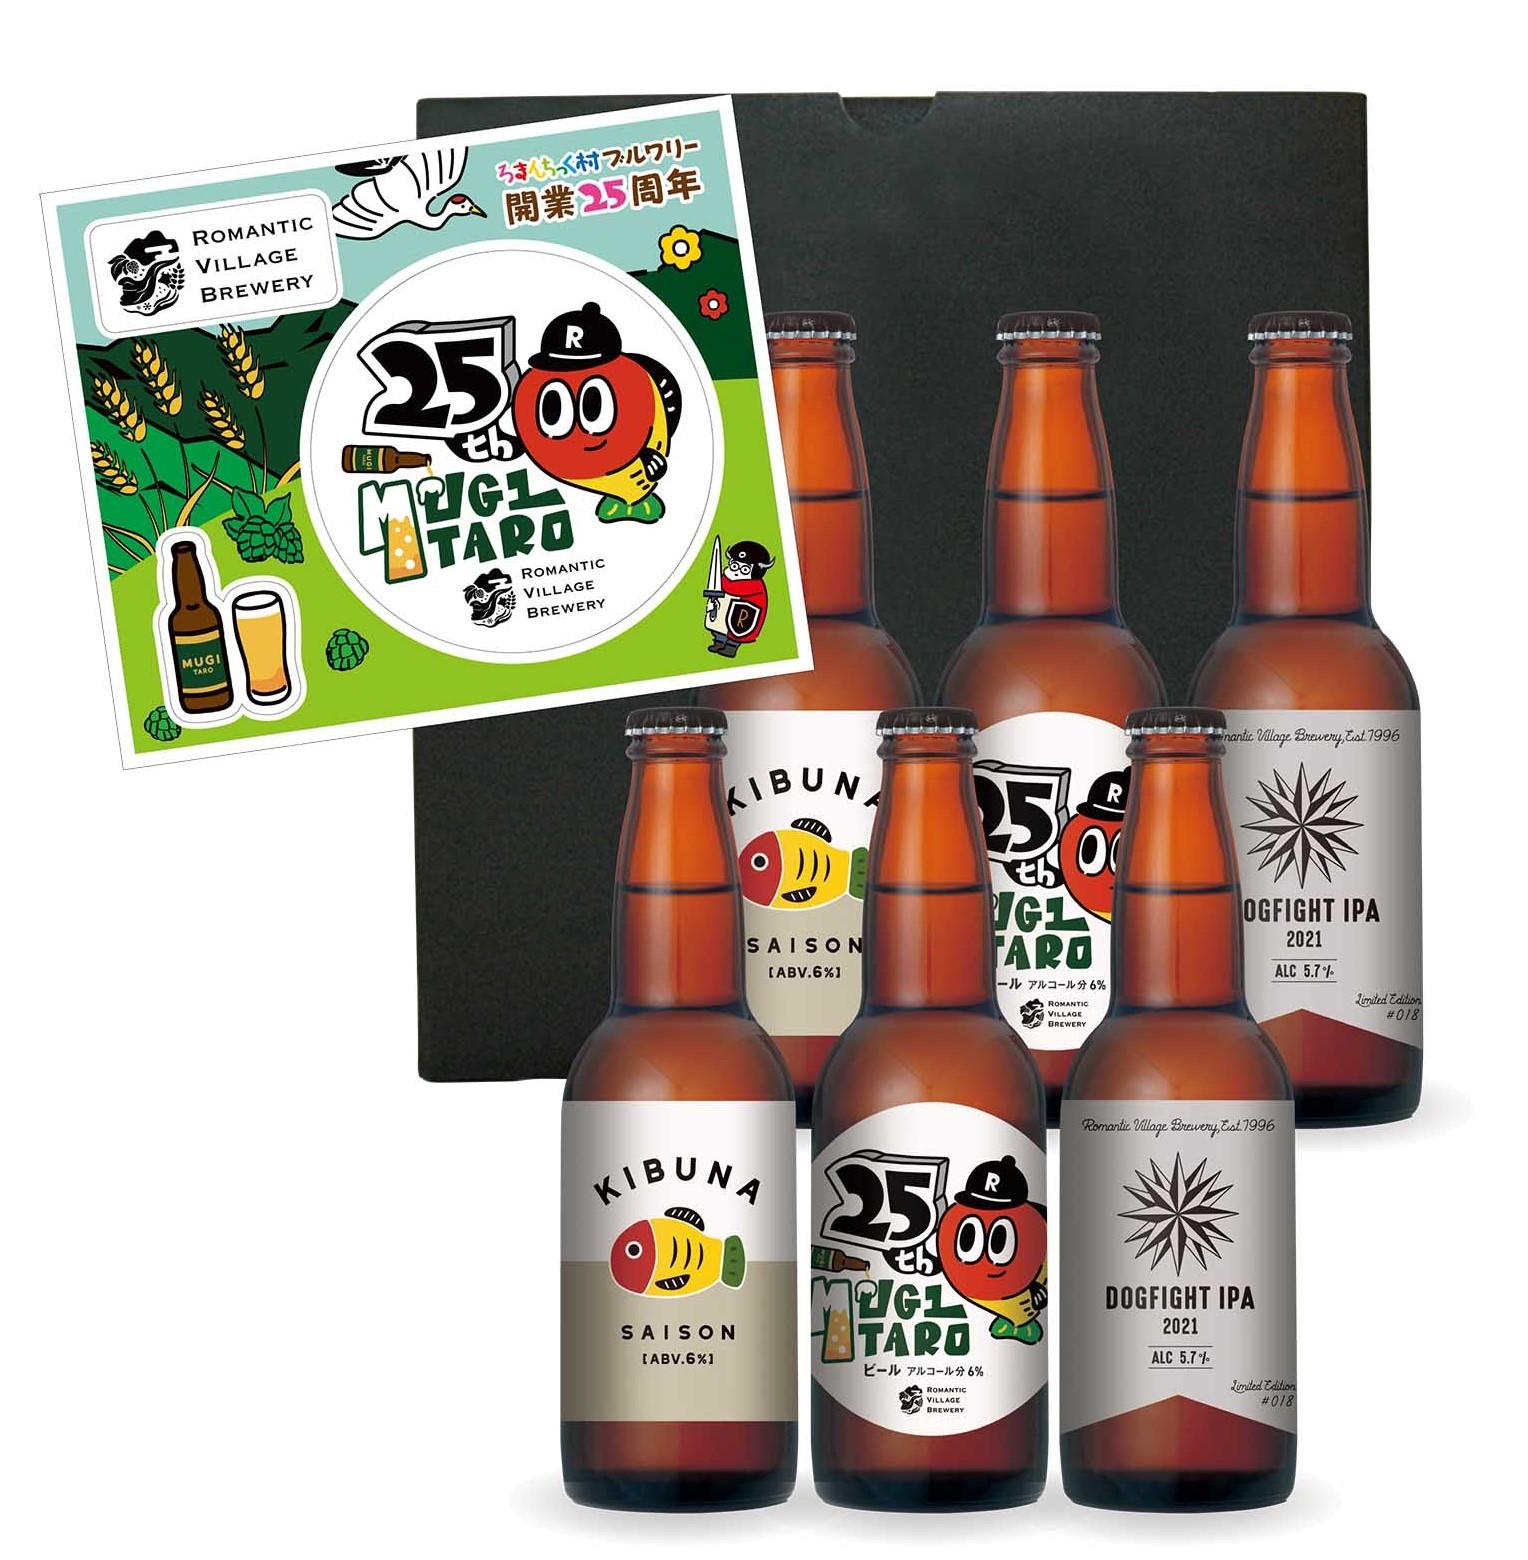 【9月12日発送開始】ろまんちっく村ブルワリー25周年記念ビールセット